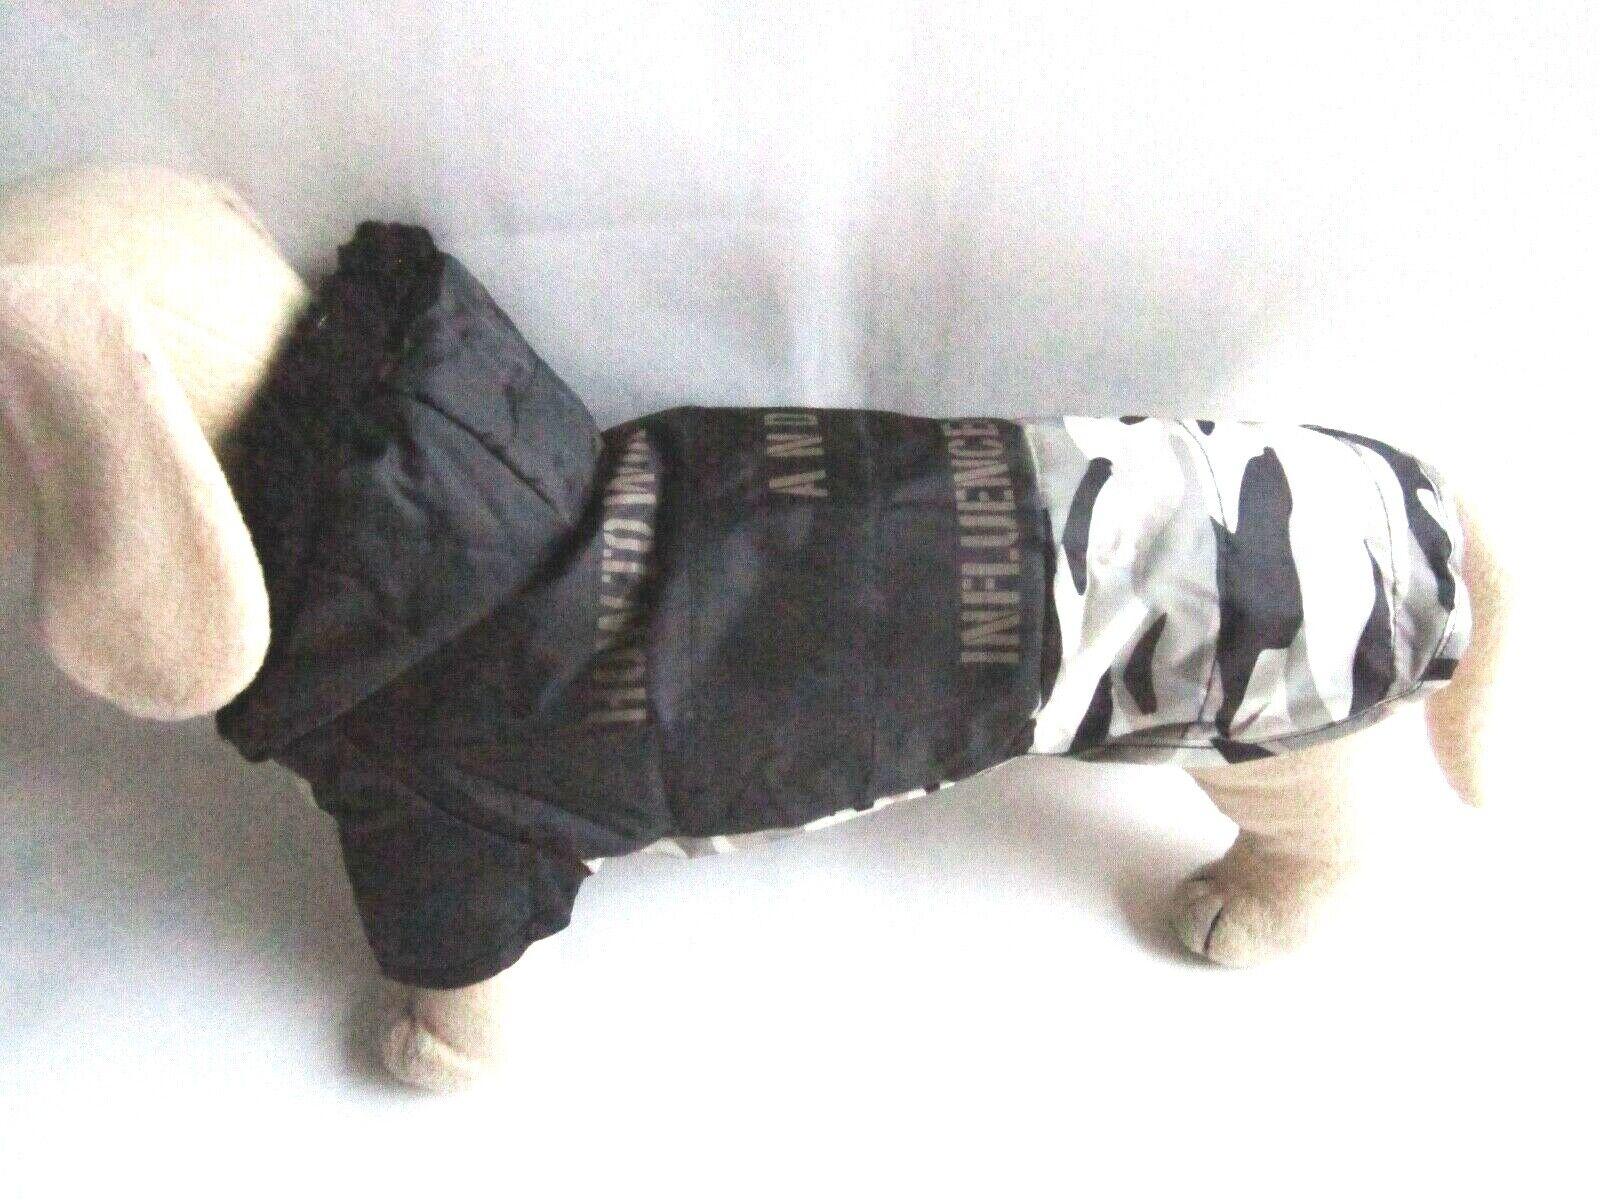 Hunde Regenmantel leicht wattiert für Dackel Rl. ca. 38cm Hundebekleidung klkxde